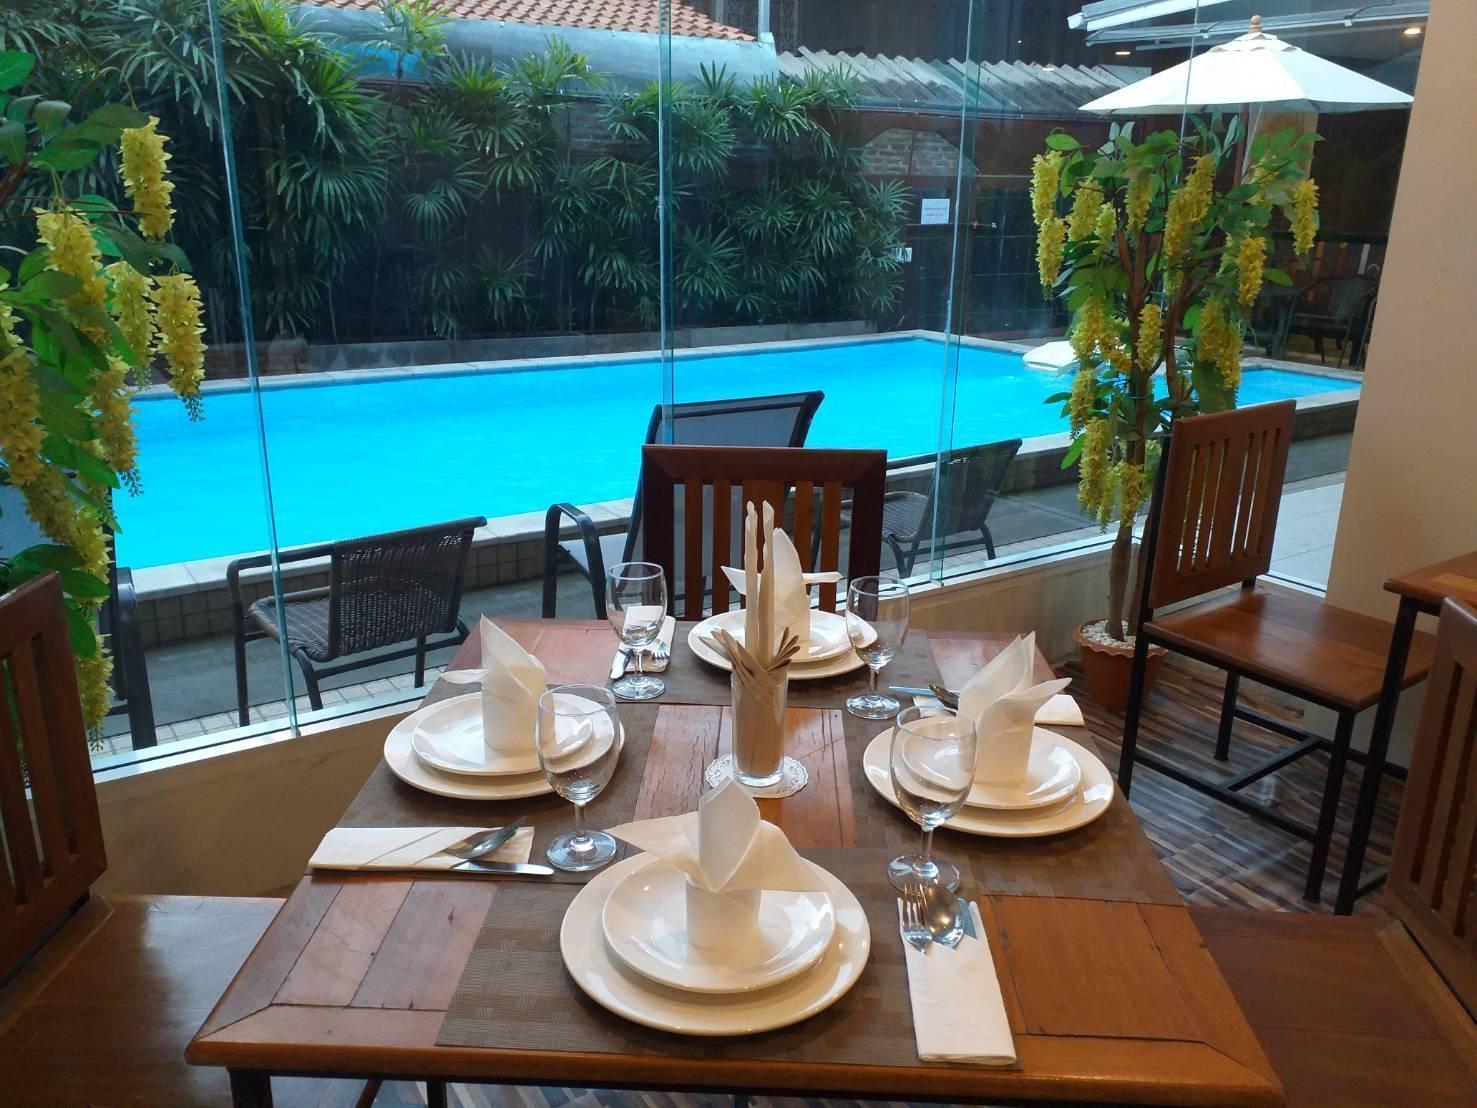 Ratana Hotel Ratana Hotel